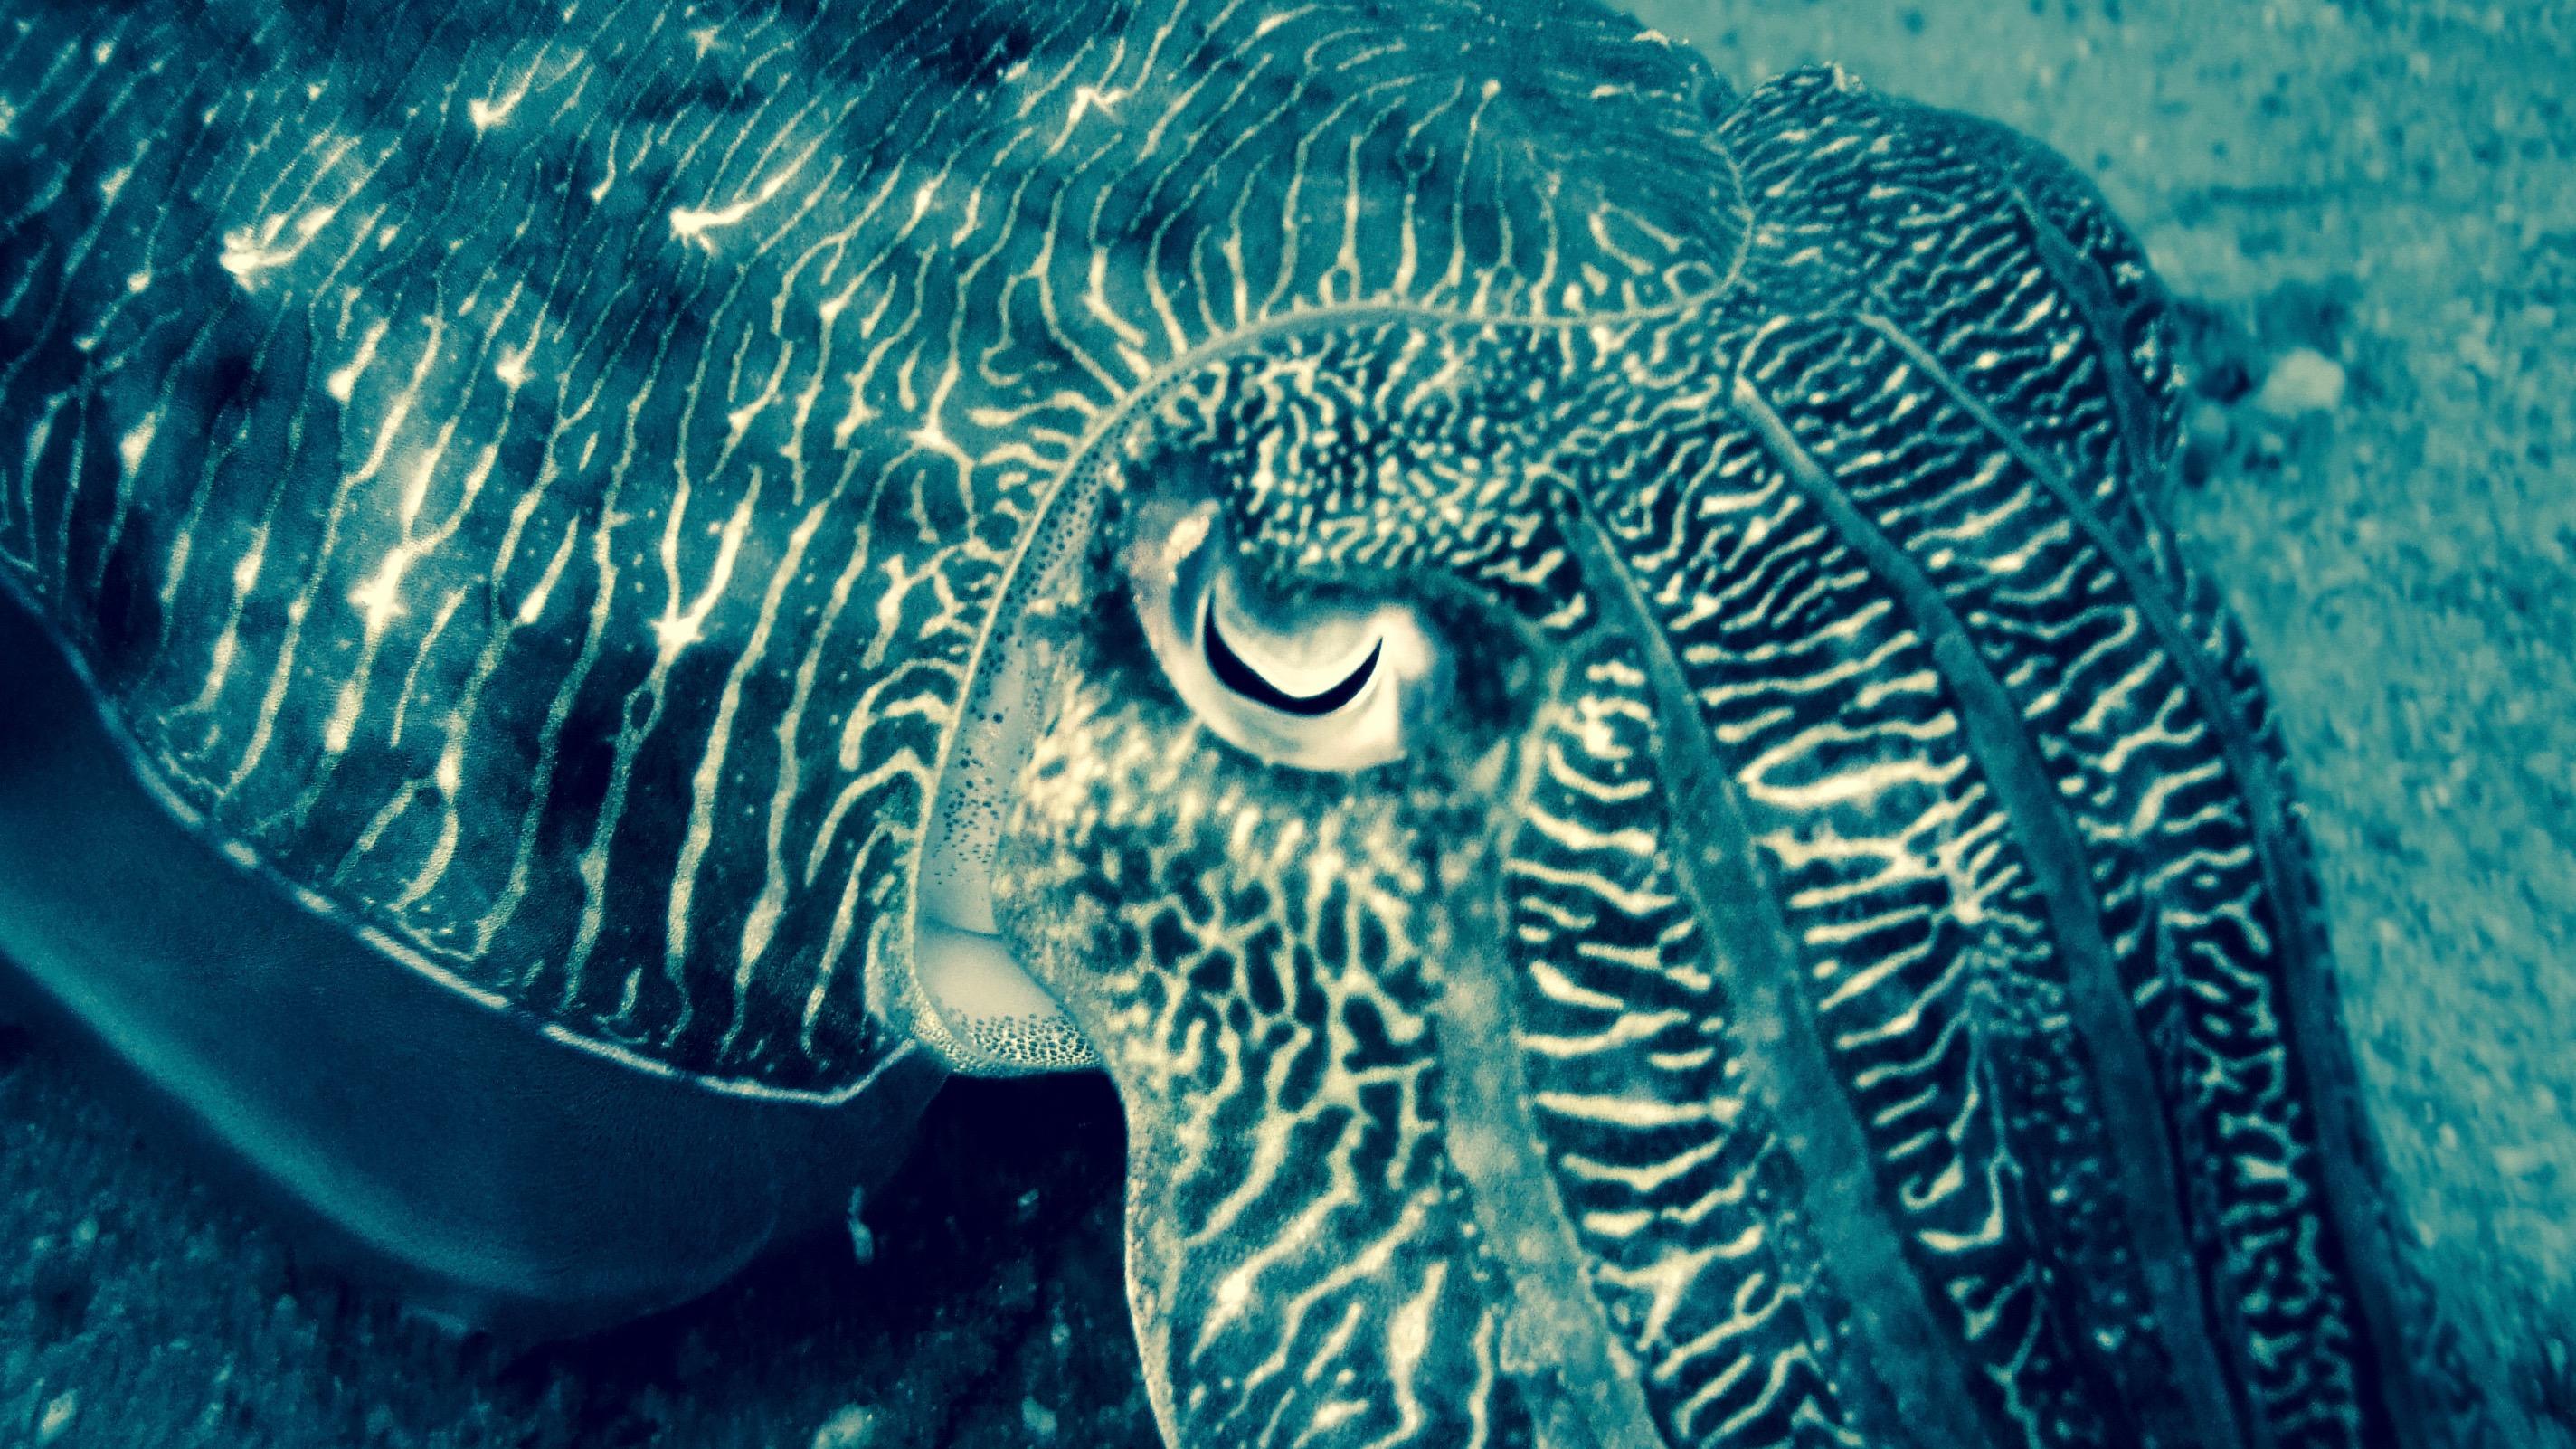 Malaysian cuttlefish.